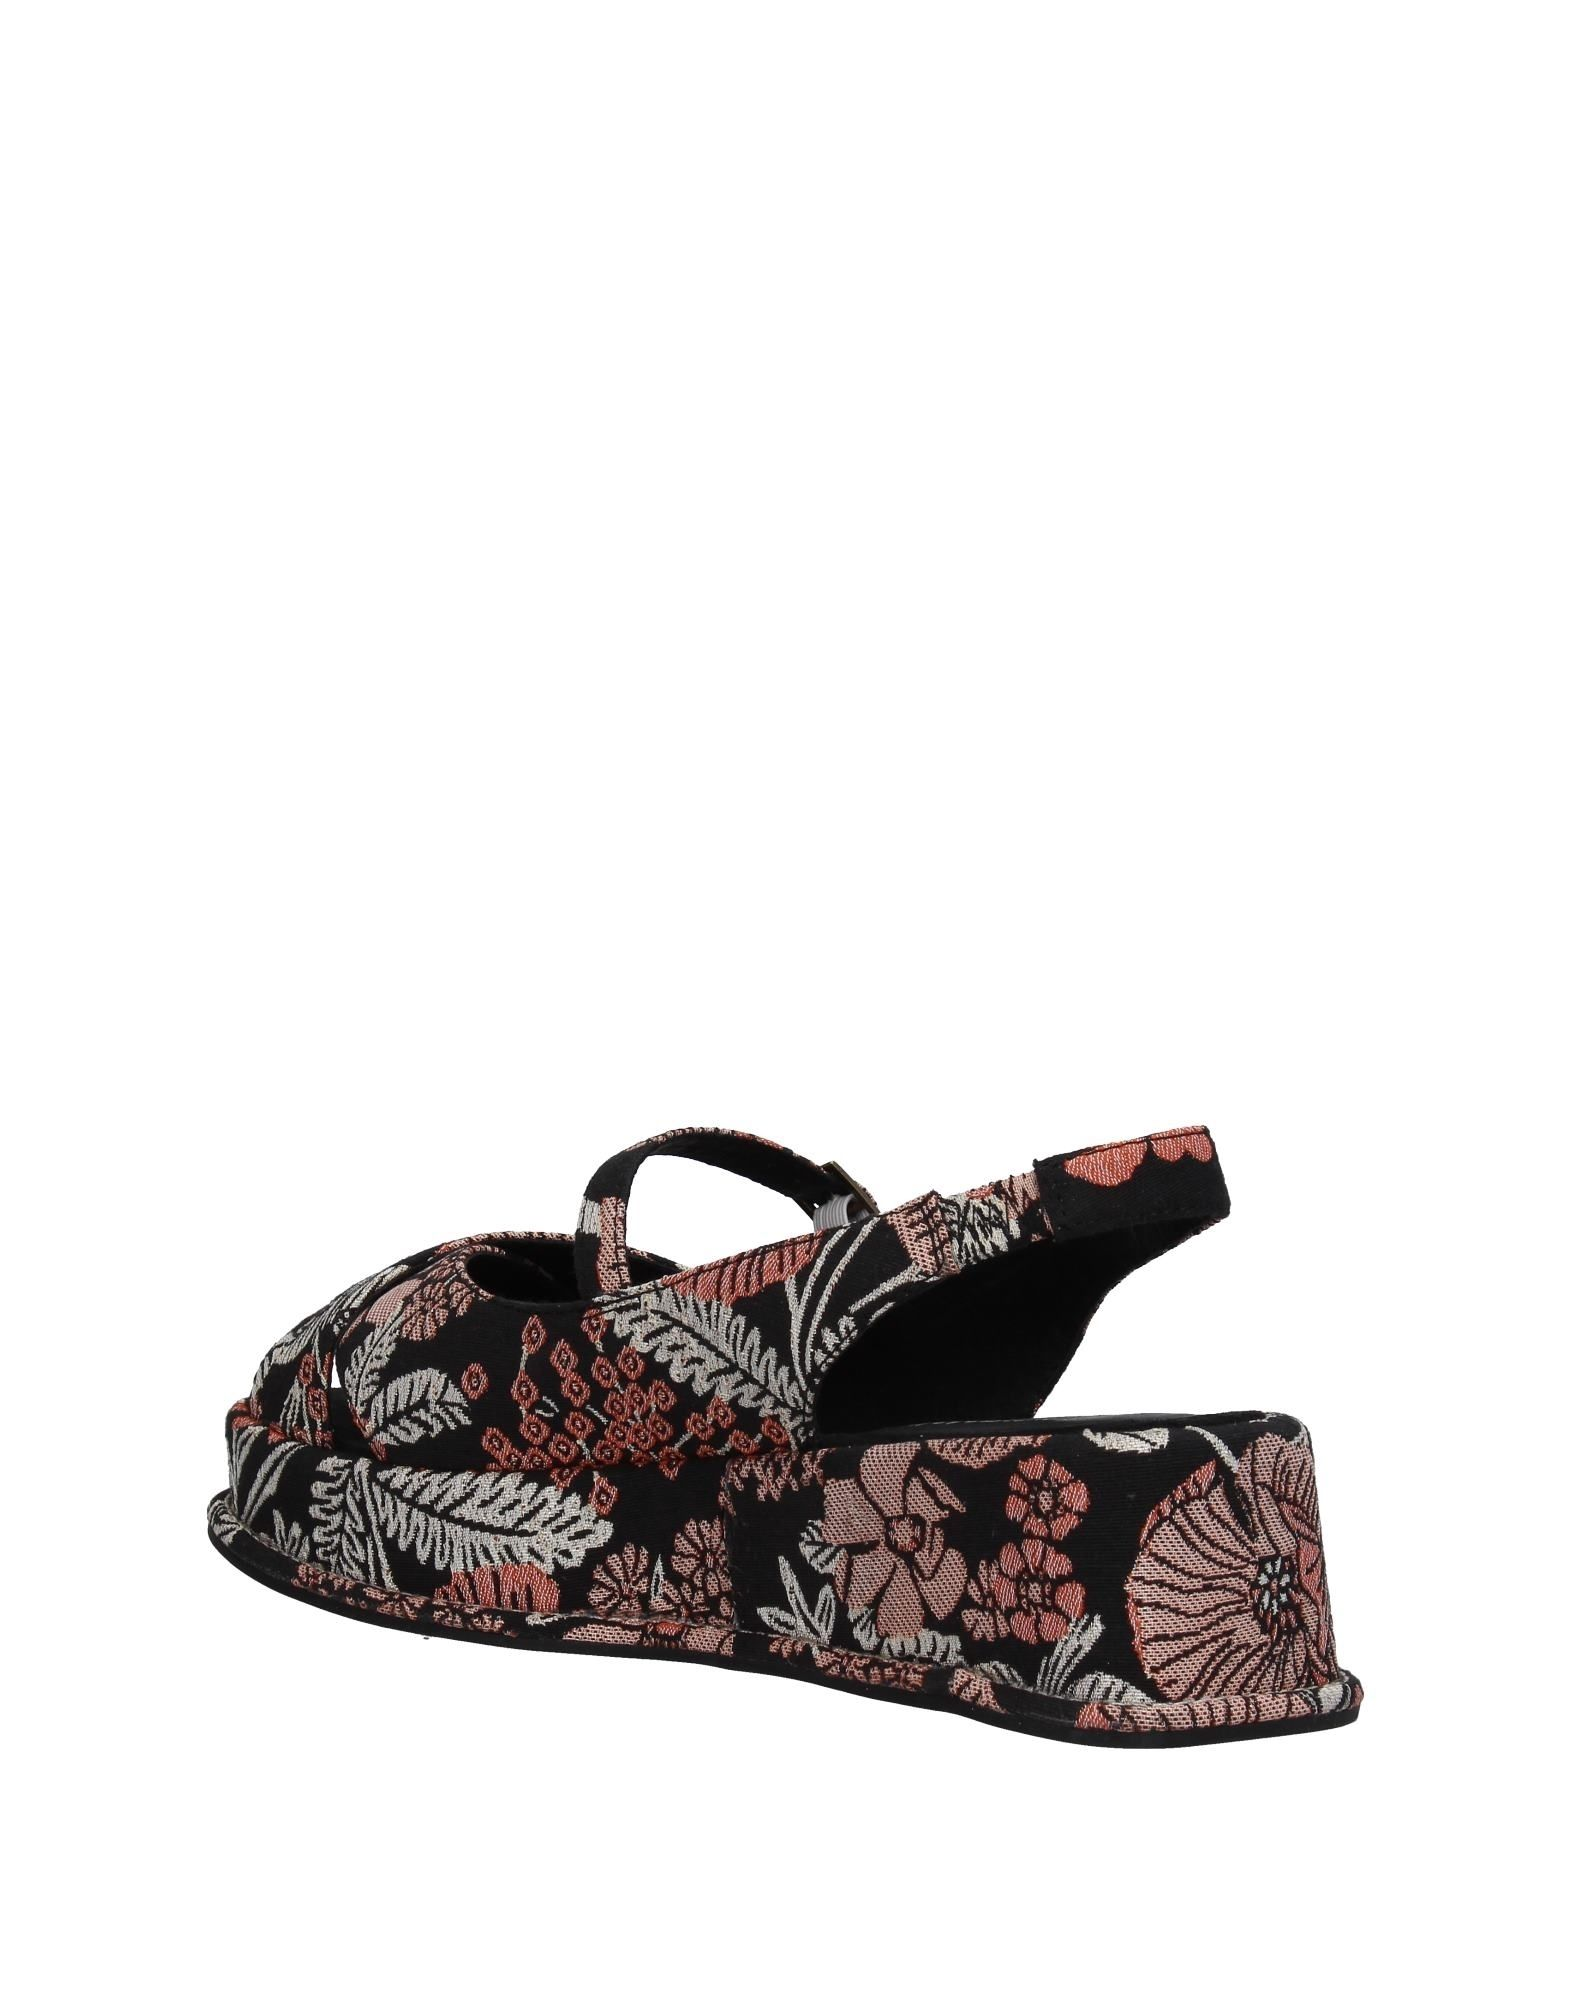 Jeffrey Campbell Sandalen Damen  11363327LV Schuhe Gute Qualität beliebte Schuhe 11363327LV f5af43